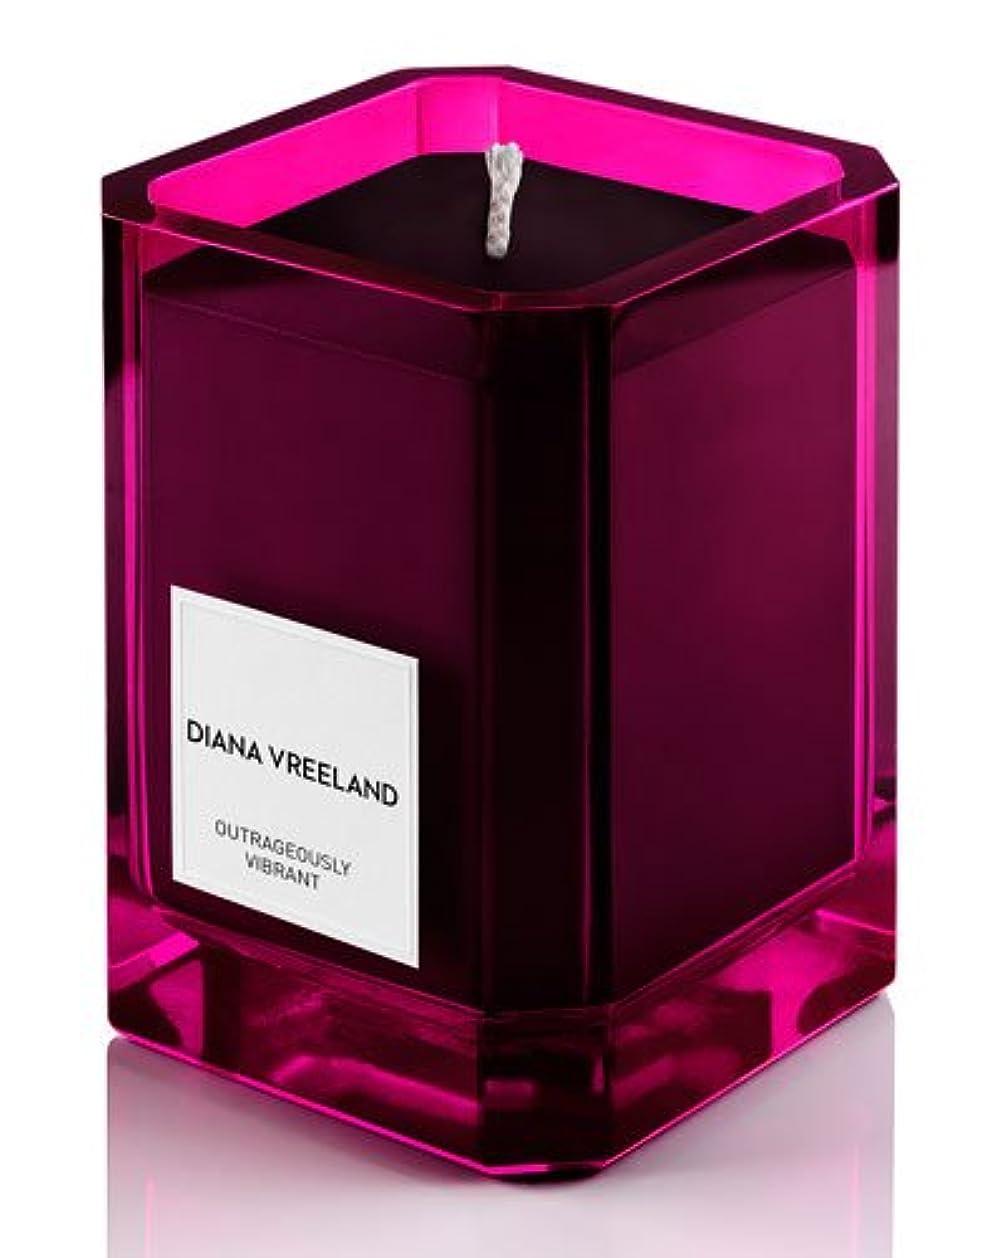 キャップ警告するラフ睡眠Diana Vreeland Outrageously Vibrant(ダイアナ ヴリーランド アウトレイジャスリー ヴィブラント)9.7 oz (291ml) Candle(香り付きキャンドル)